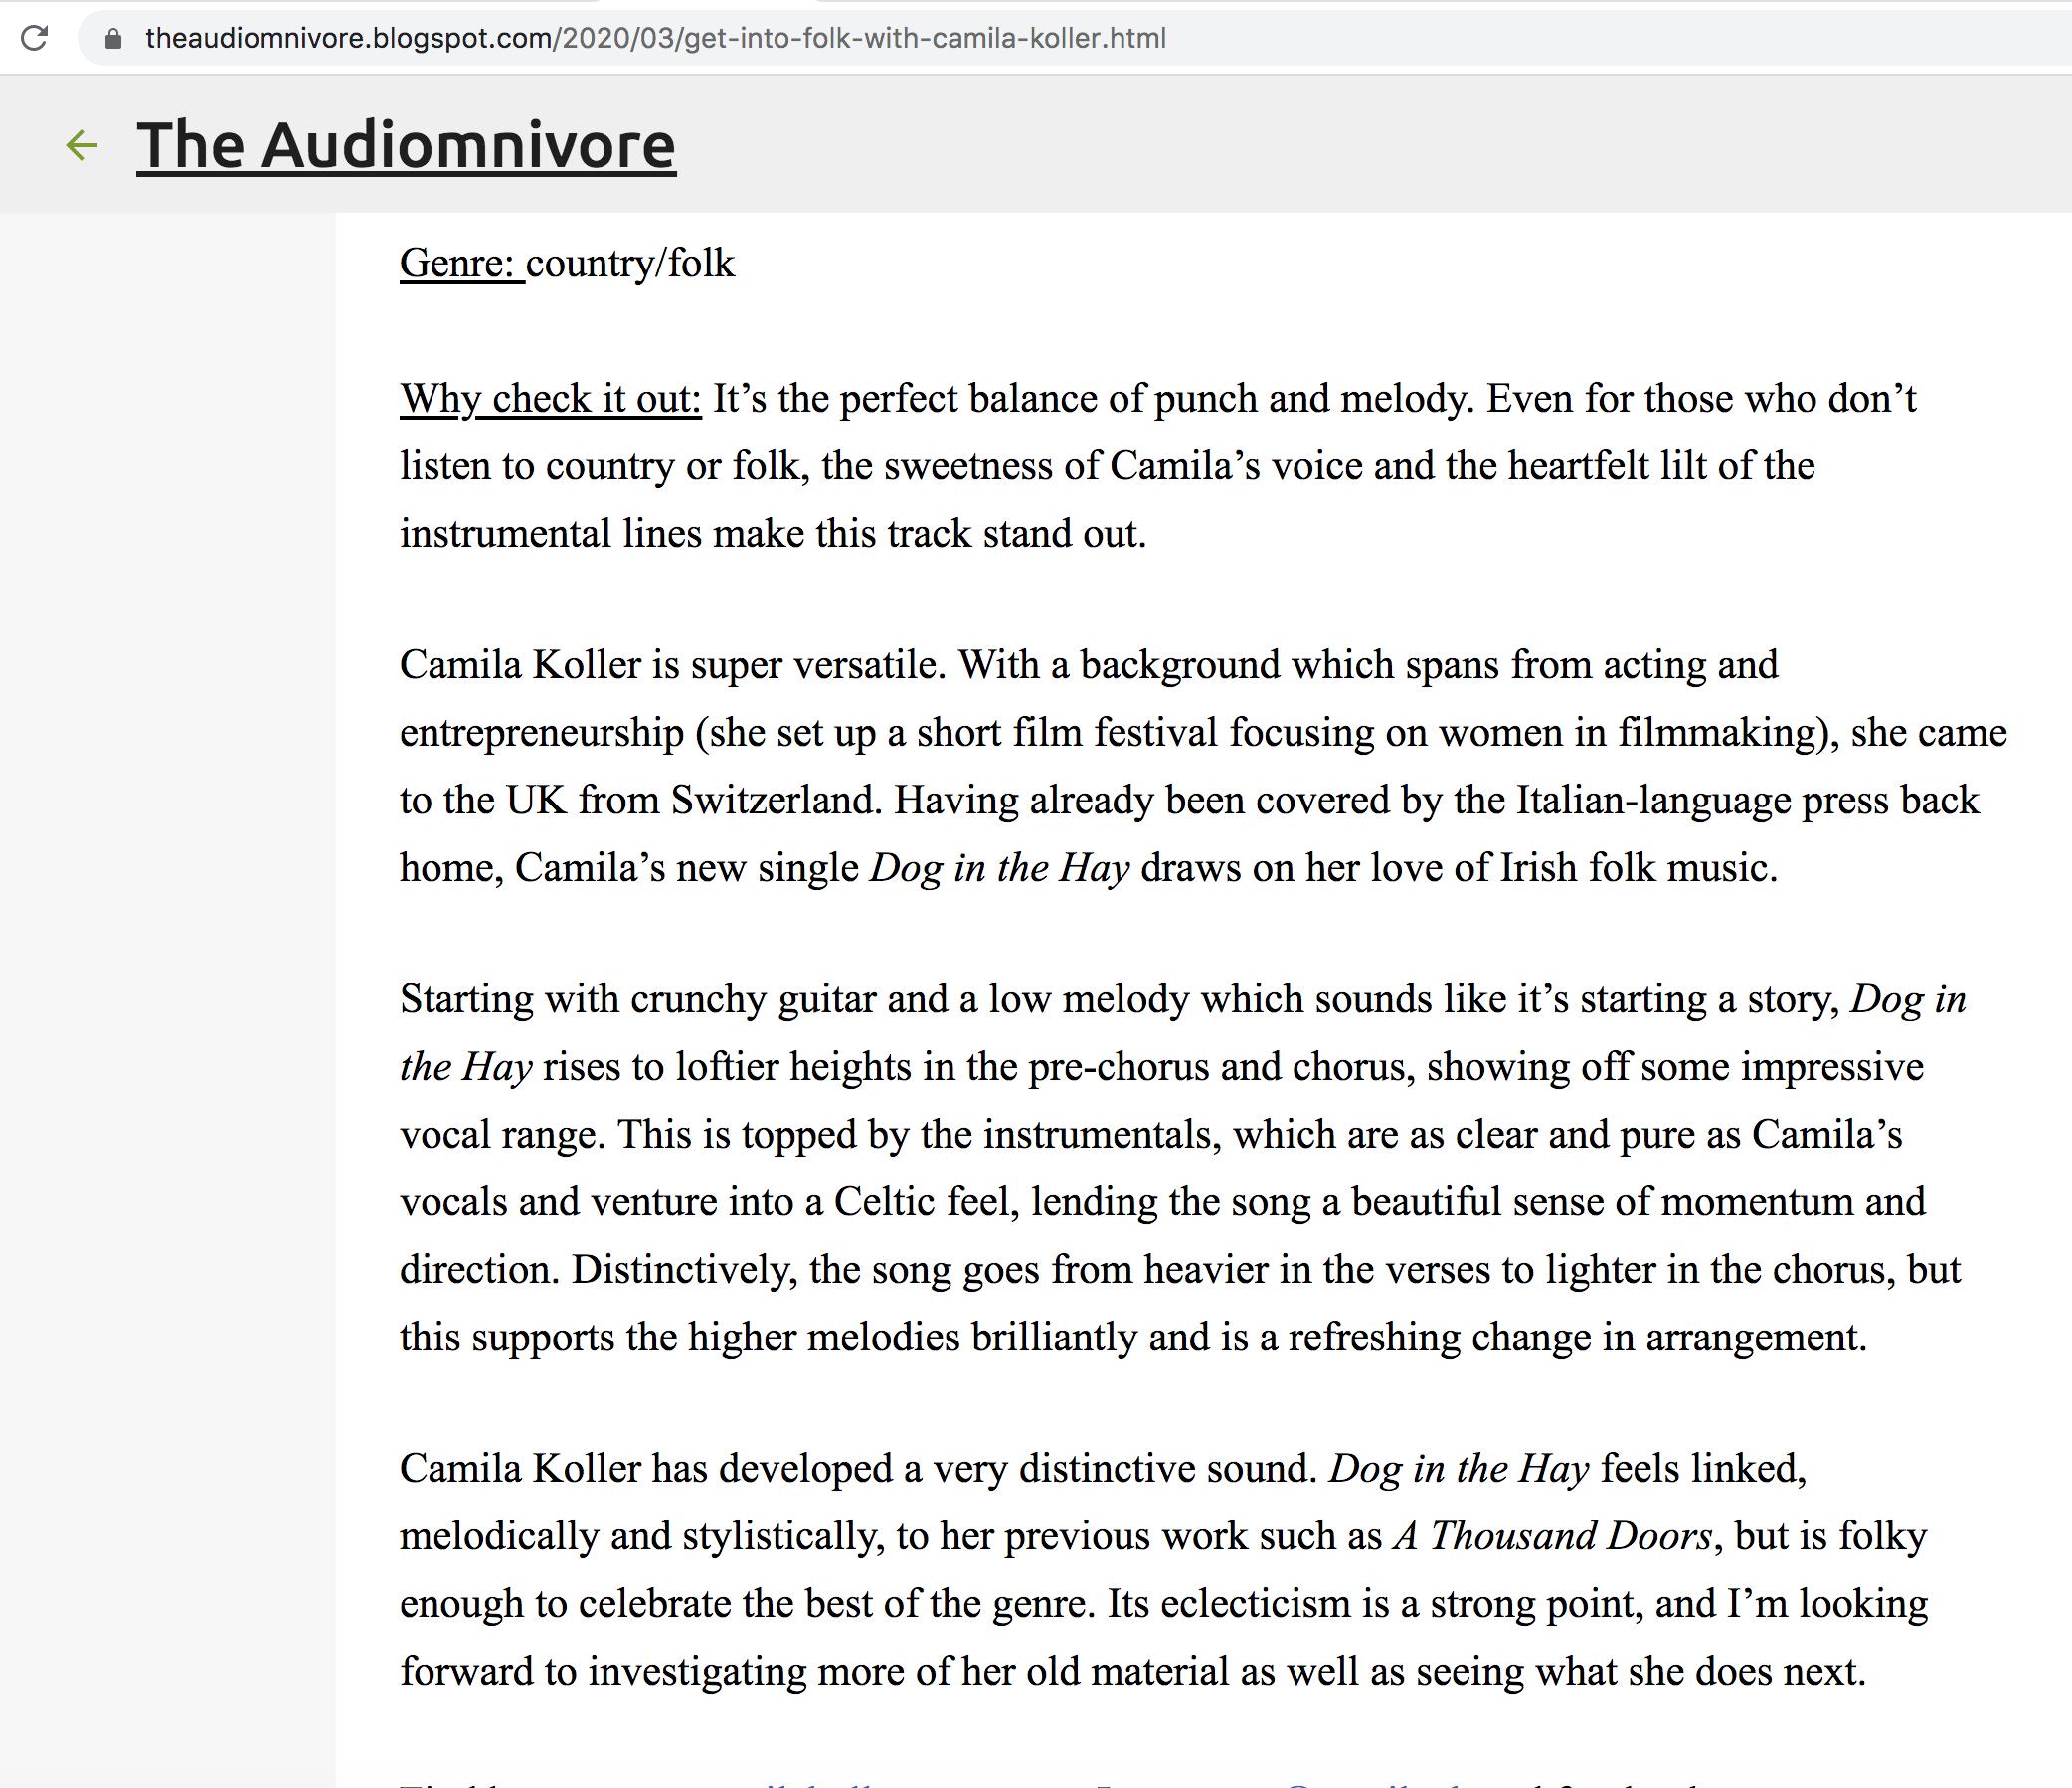 The Audiomnivore